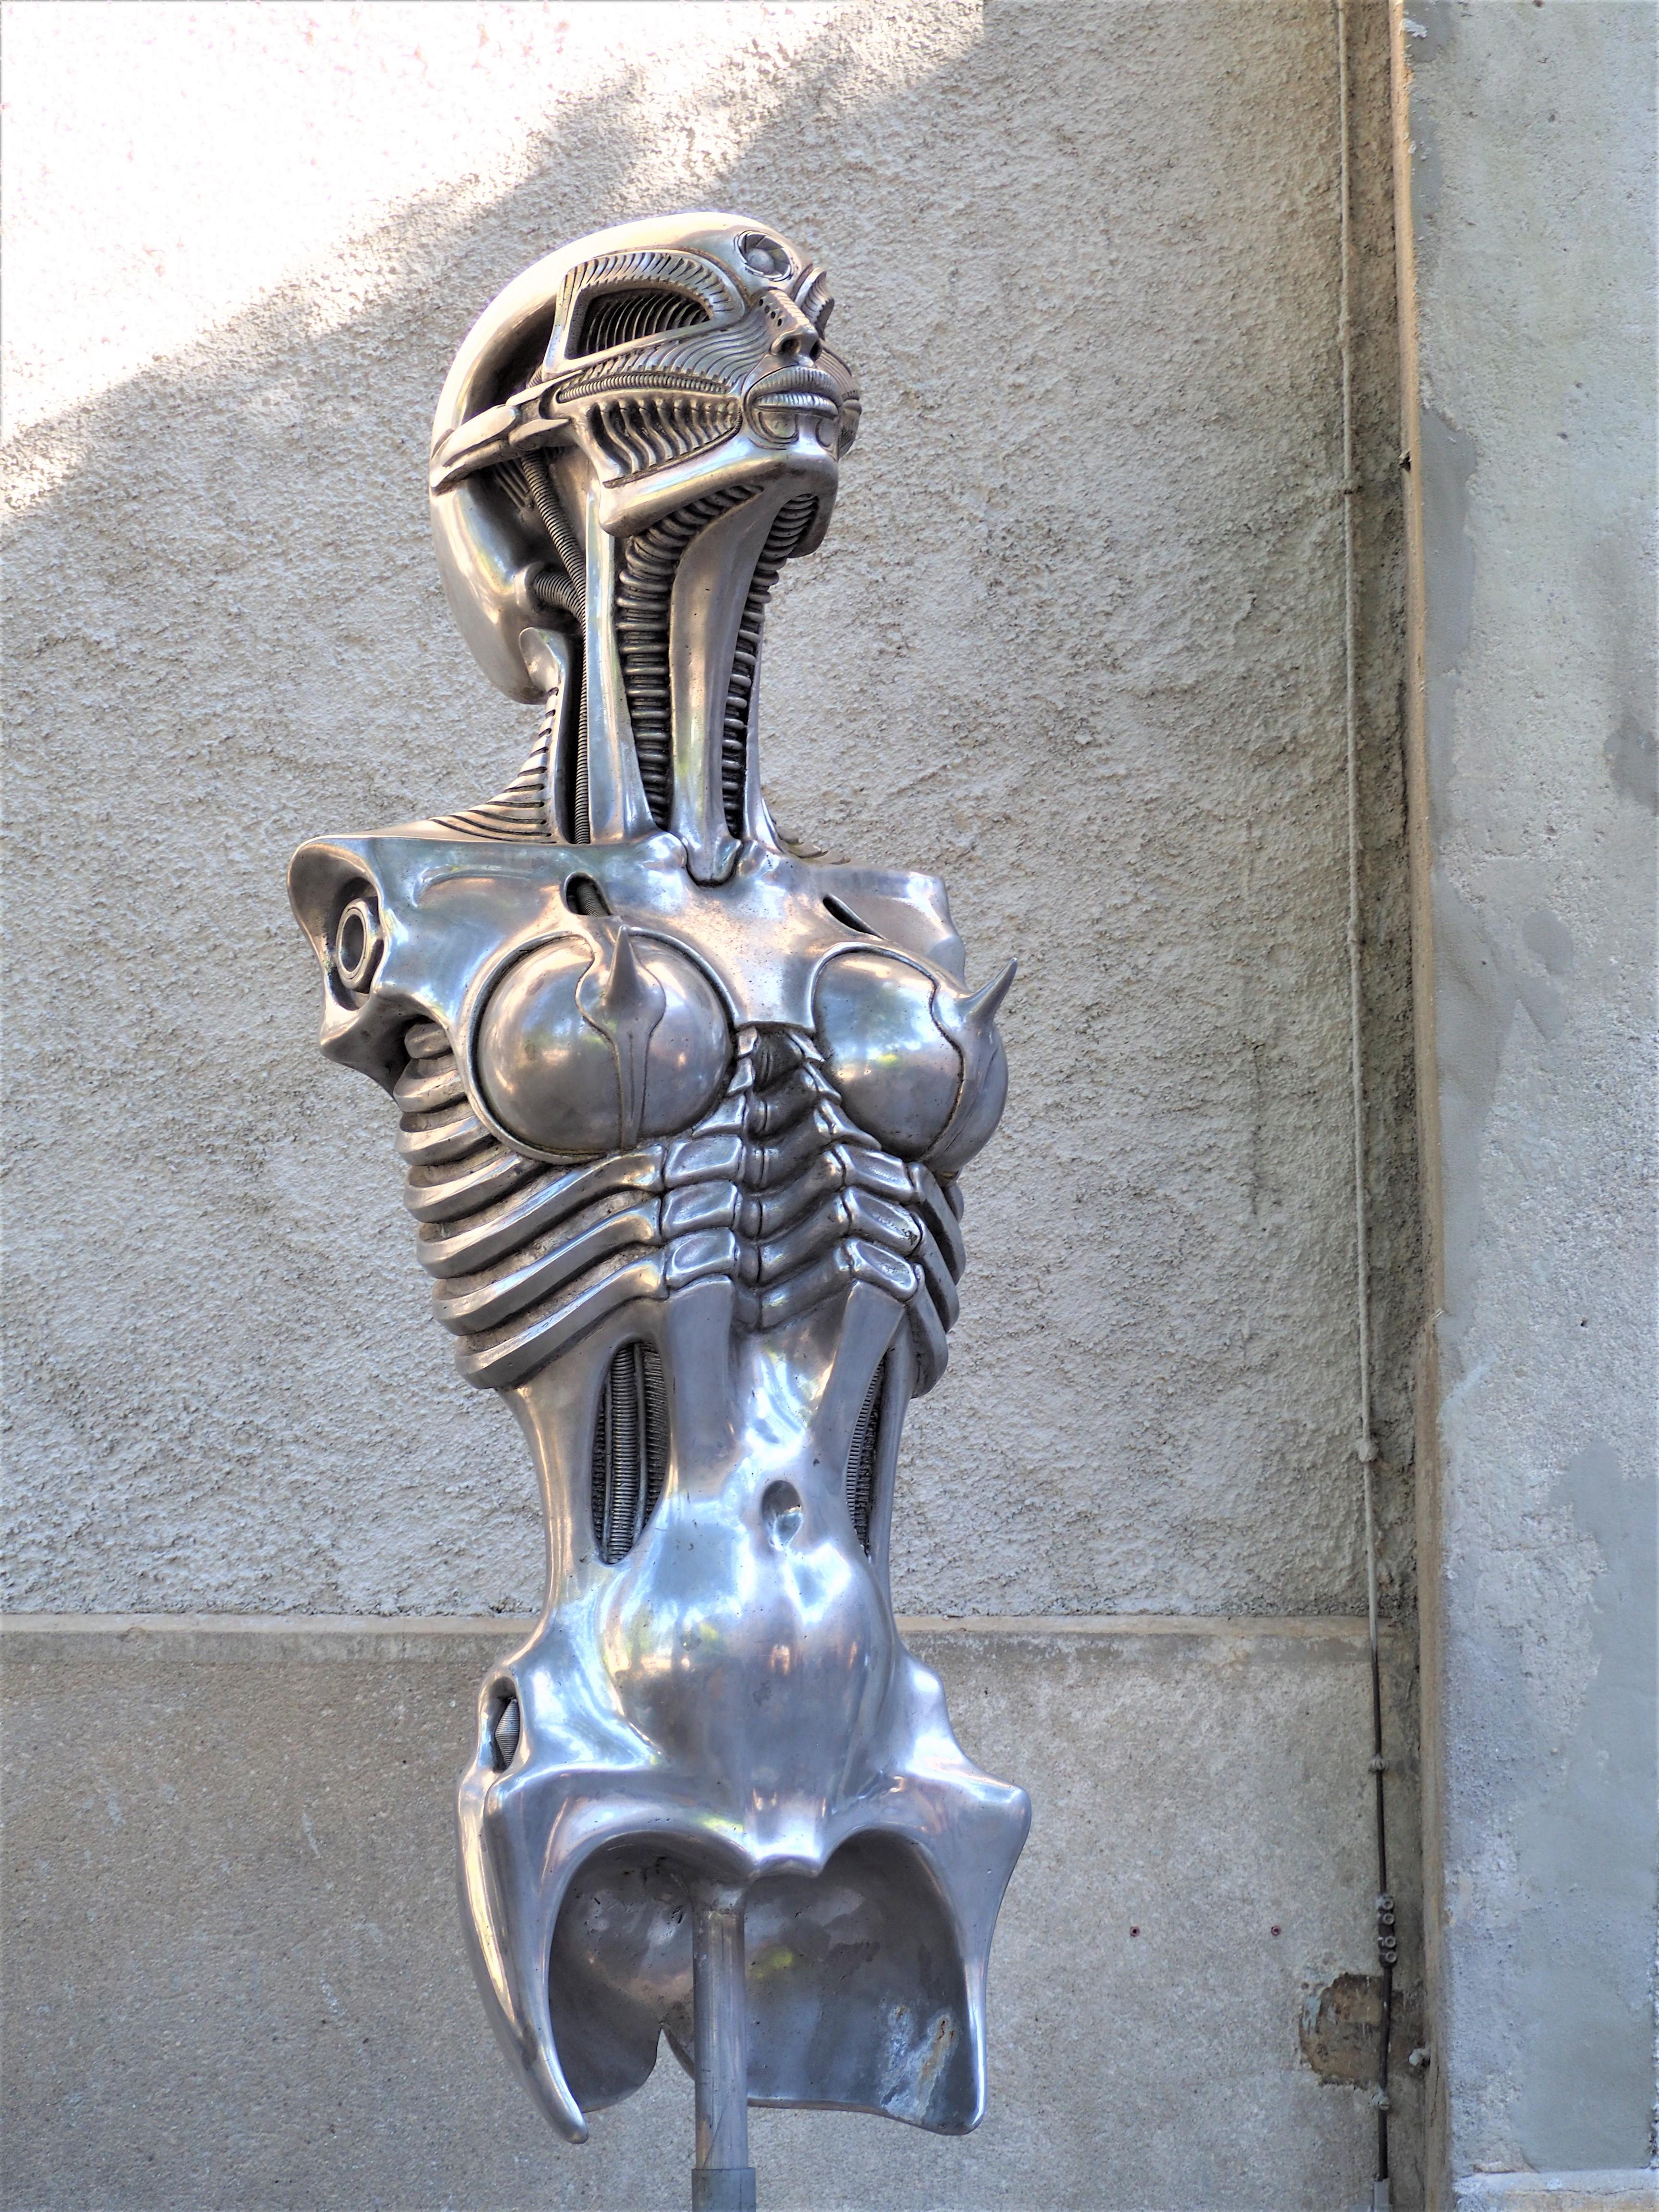 Visiter-Gruyères-canton-de-Fribourg-Suisse-alien-statue